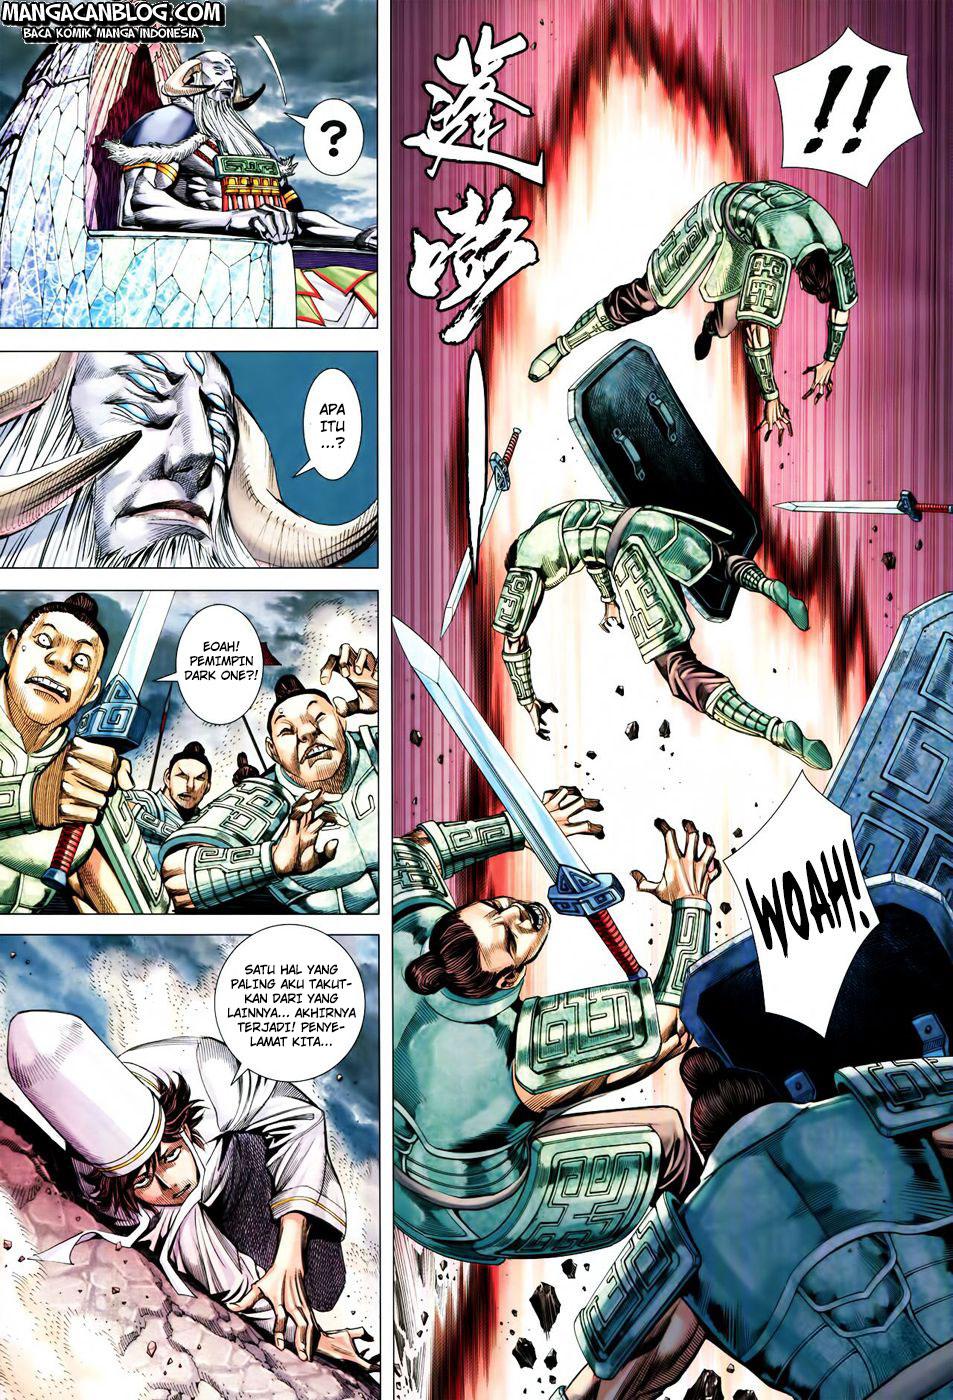 Dilarang COPAS - situs resmi www.mangacanblog.com - Komik feng shen ji 2 127 - mati tanpa penyesalan 128 Indonesia feng shen ji 2 127 - mati tanpa penyesalan Terbaru 28|Baca Manga Komik Indonesia|Mangacan